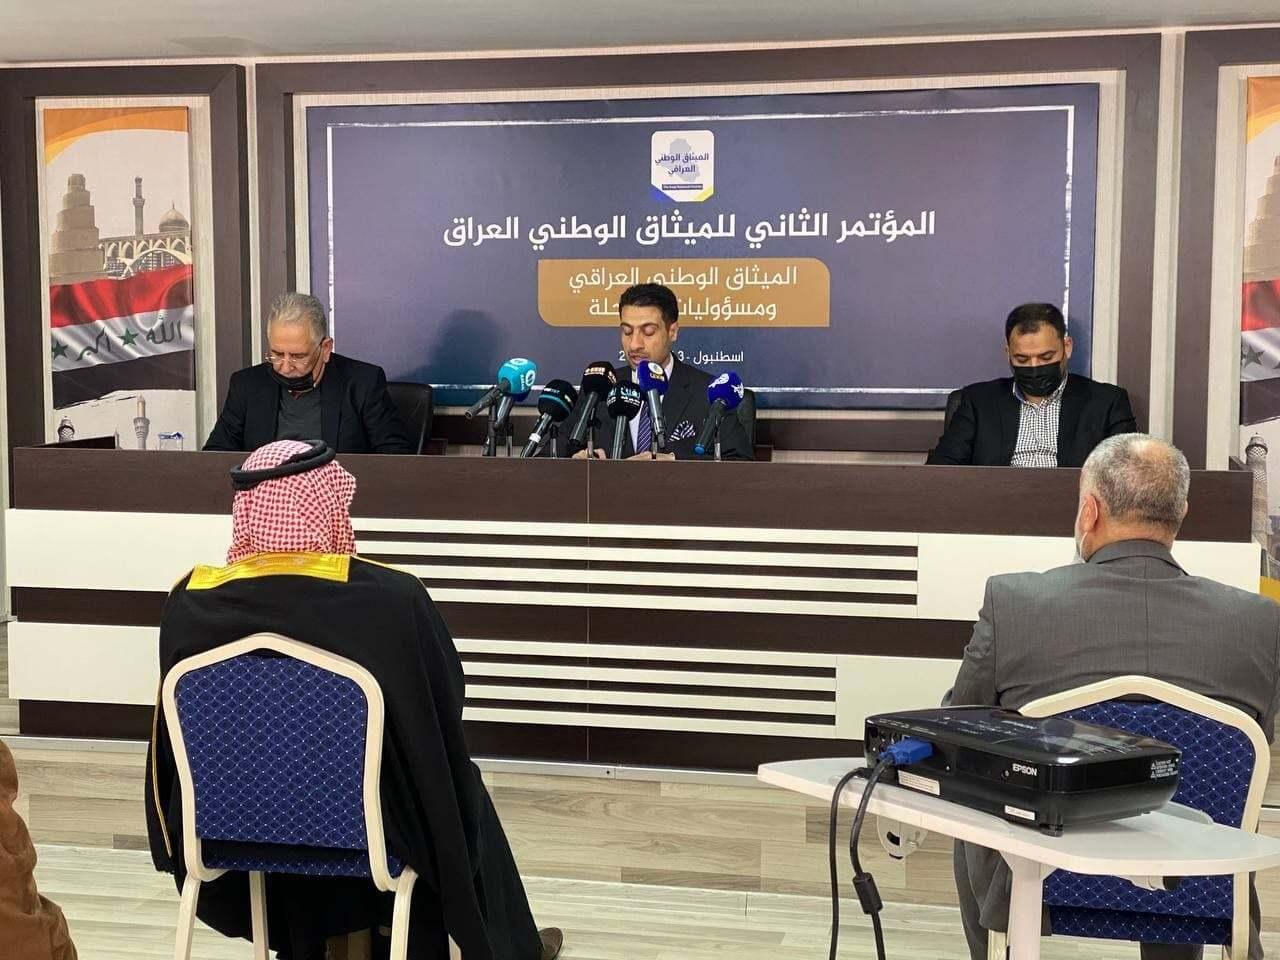 تفاصيل وكلمات الوفود المشاركة في المؤتمر الثاني للميثاق الوطني العراقي